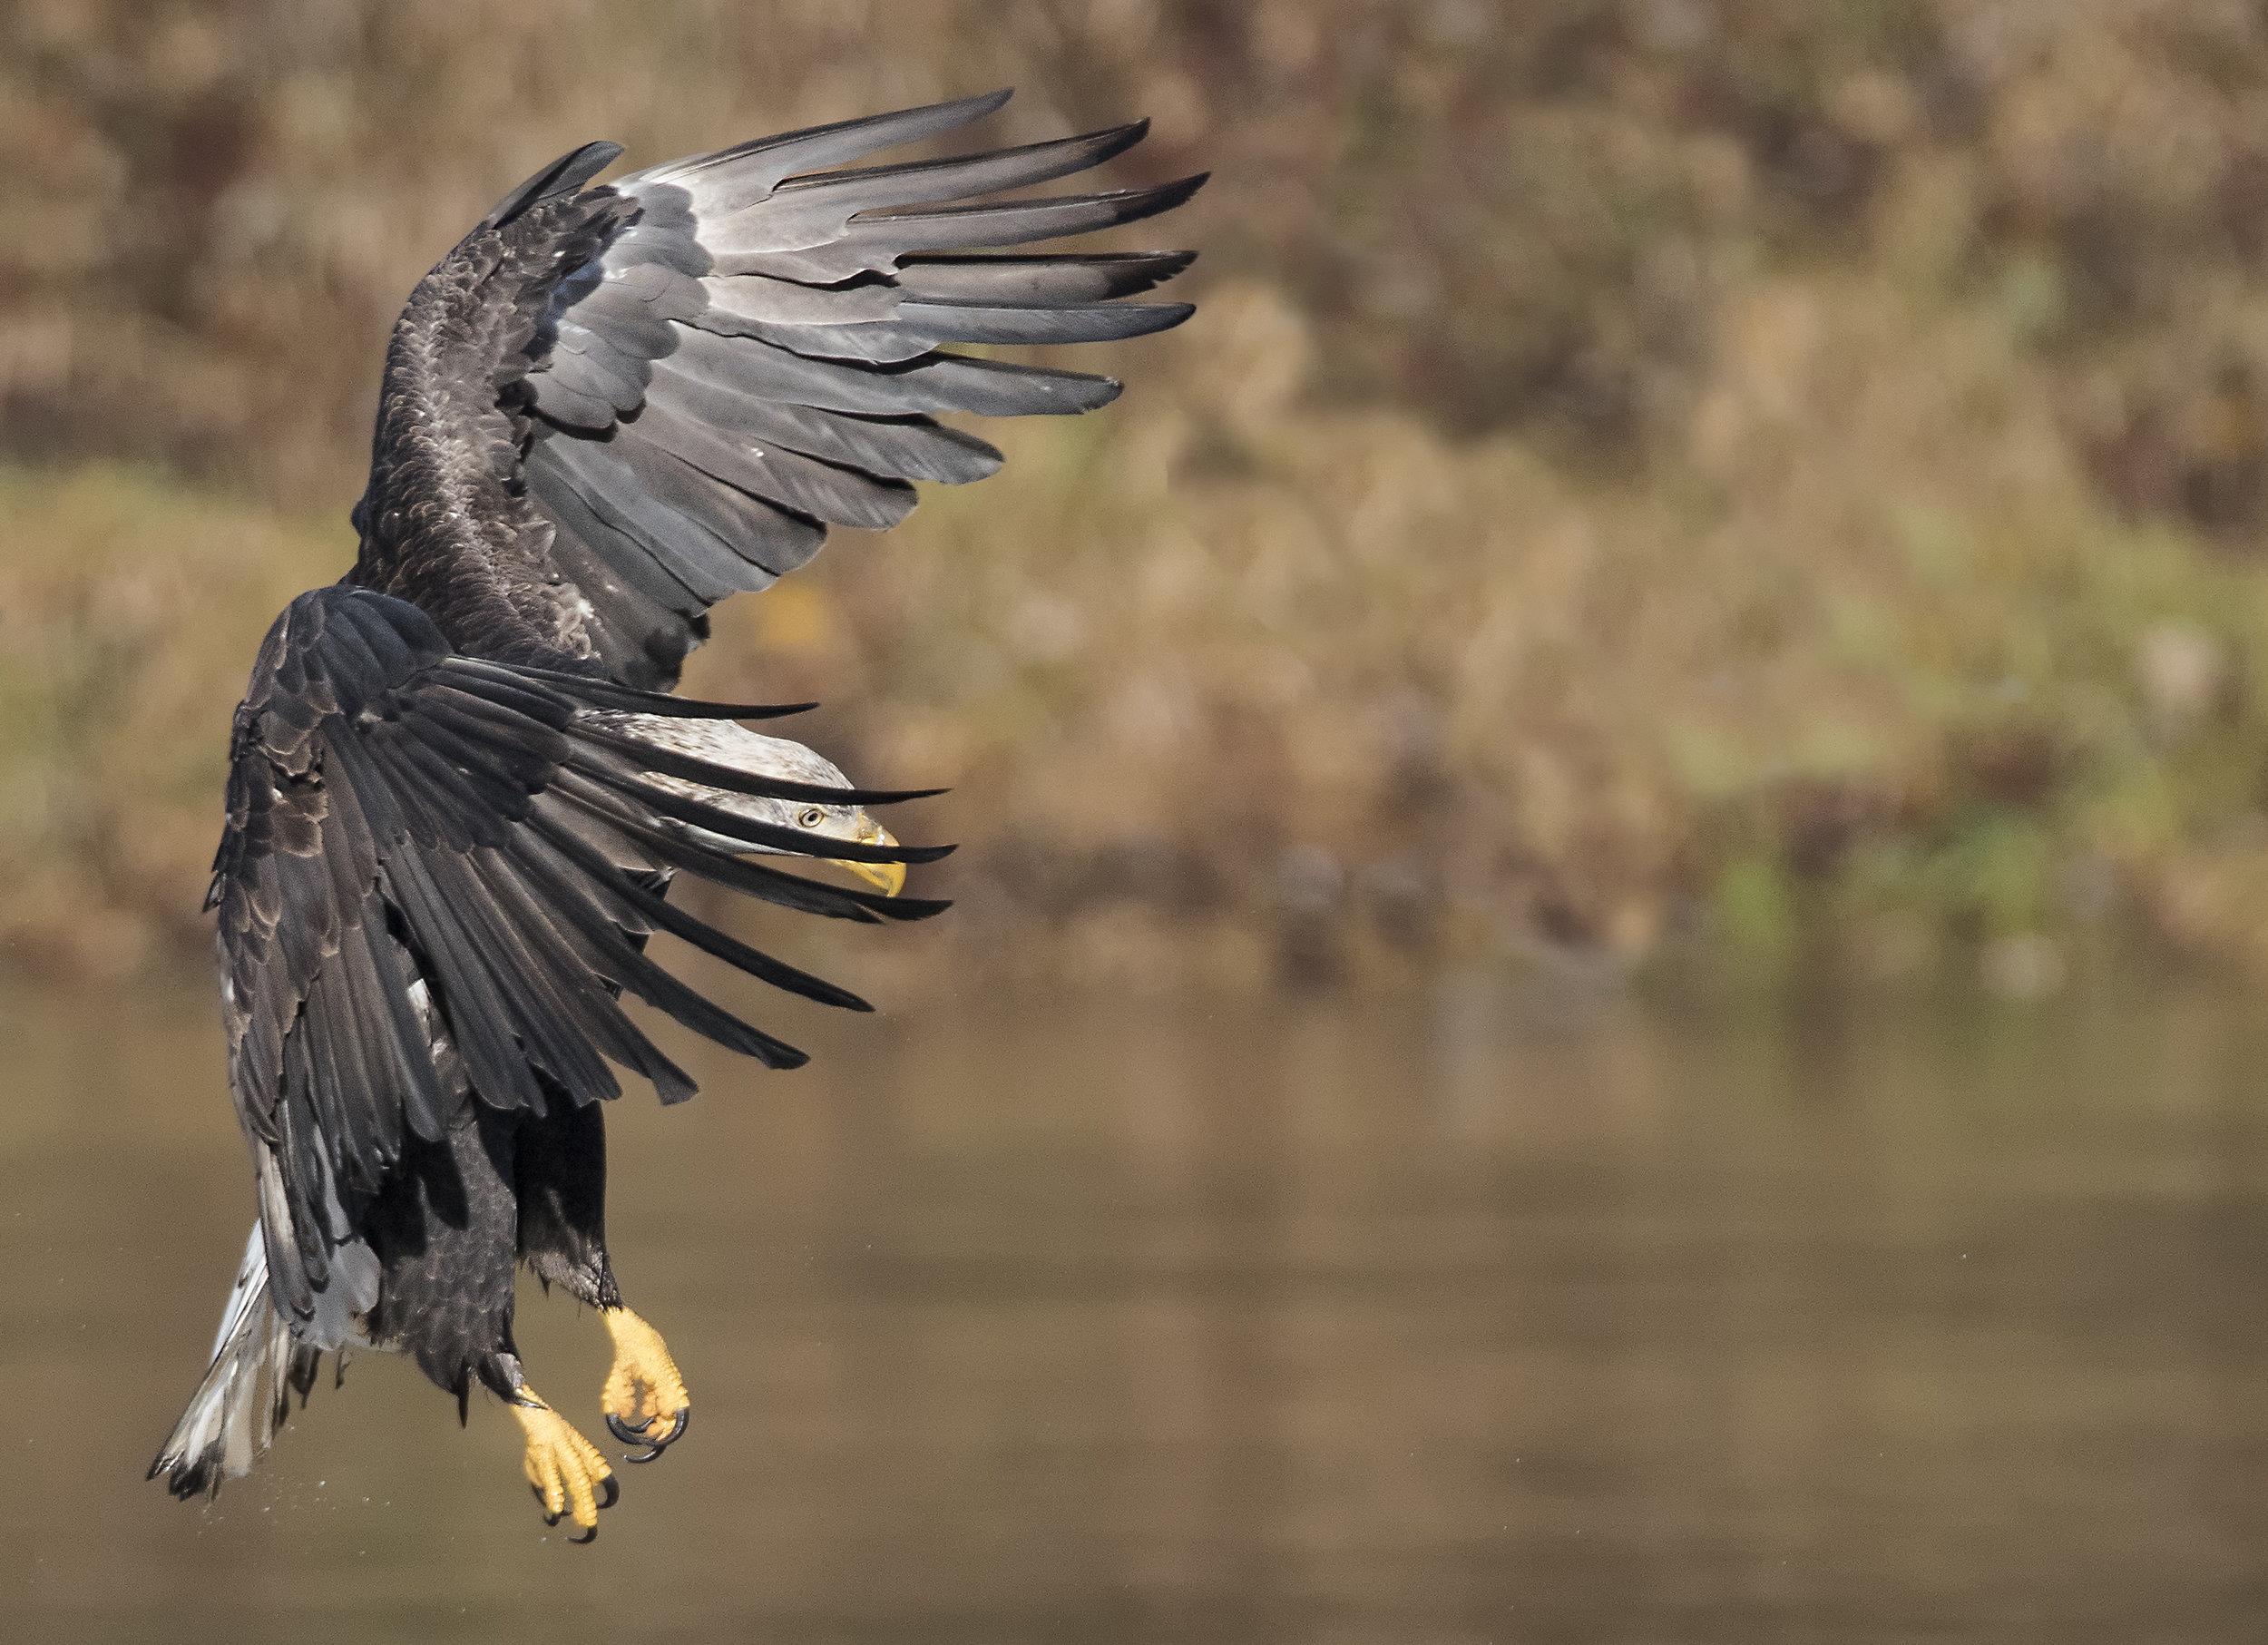 i see the eye of the bald eagle.jpg